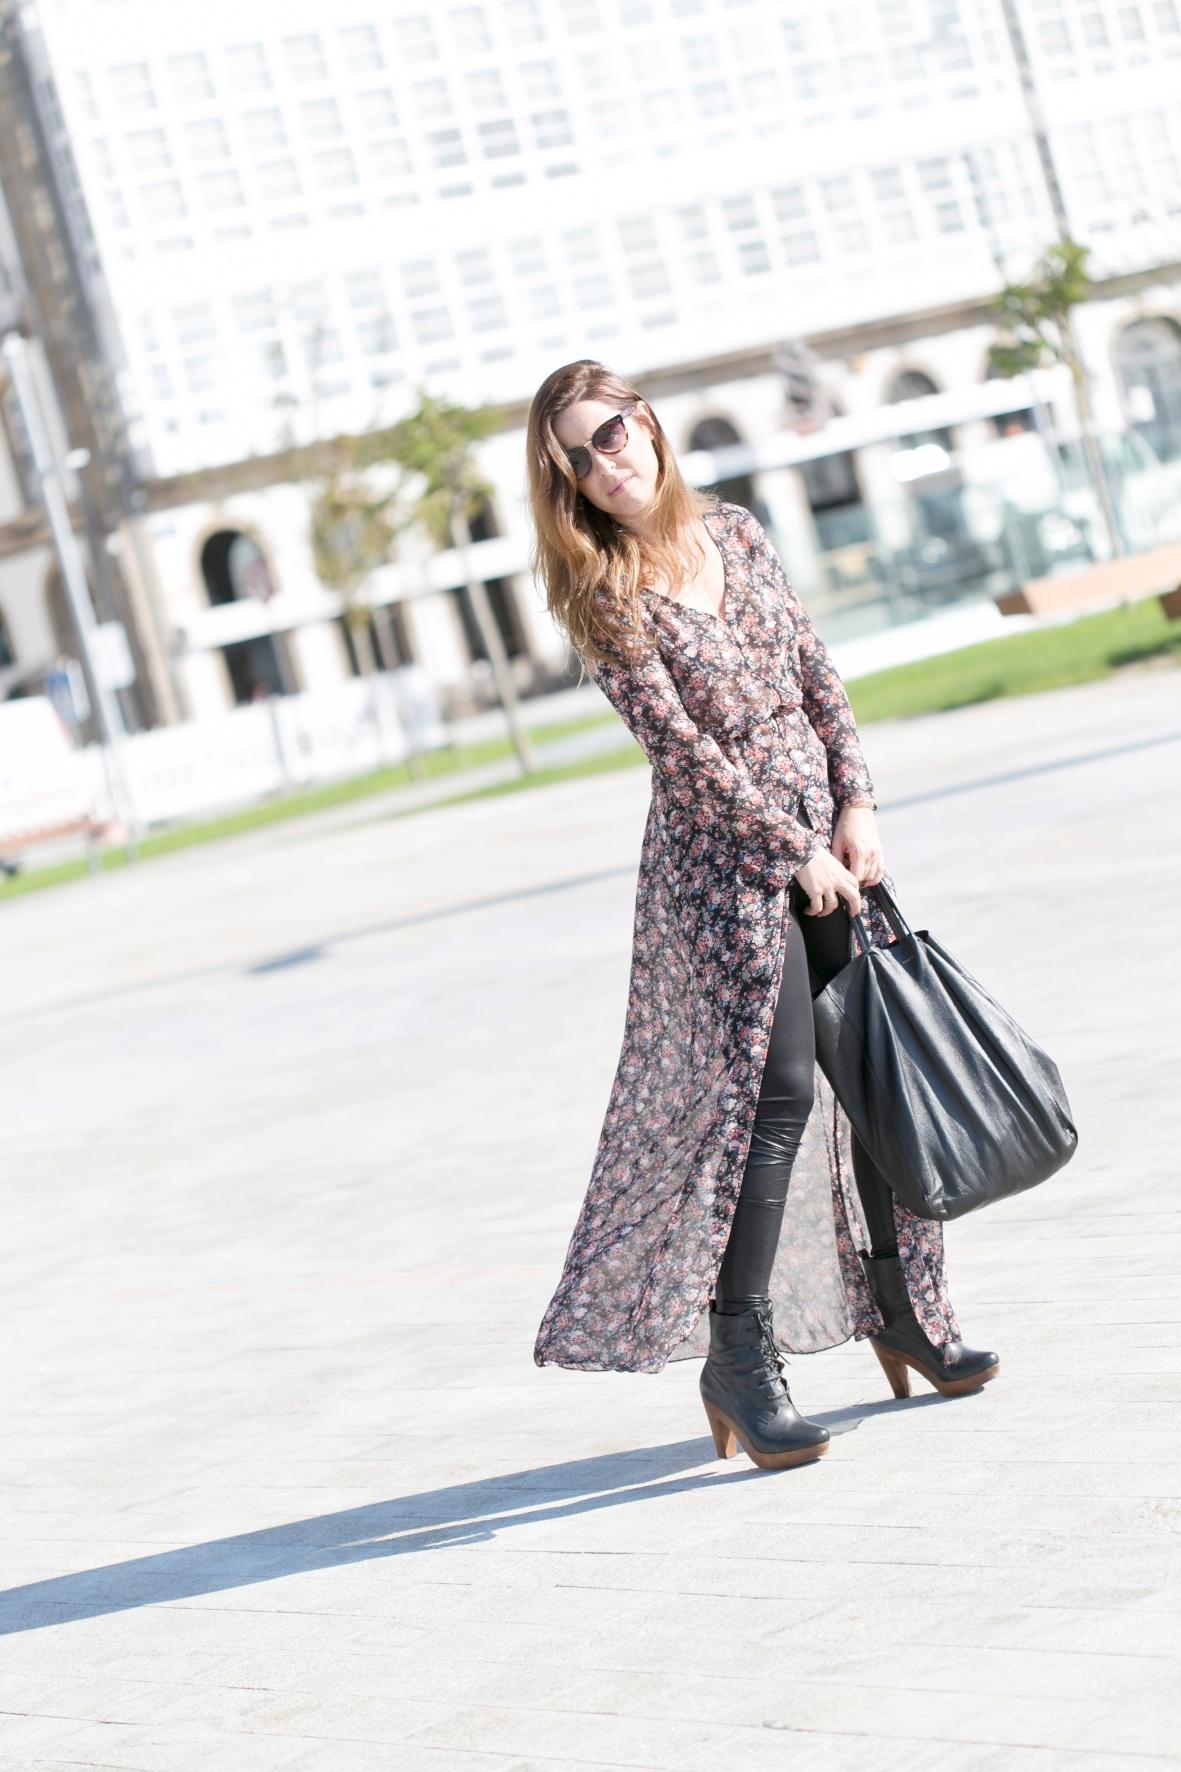 dress-floral-blogger-coruña-estilo-calle-mommyblogger-descalzaporelparque